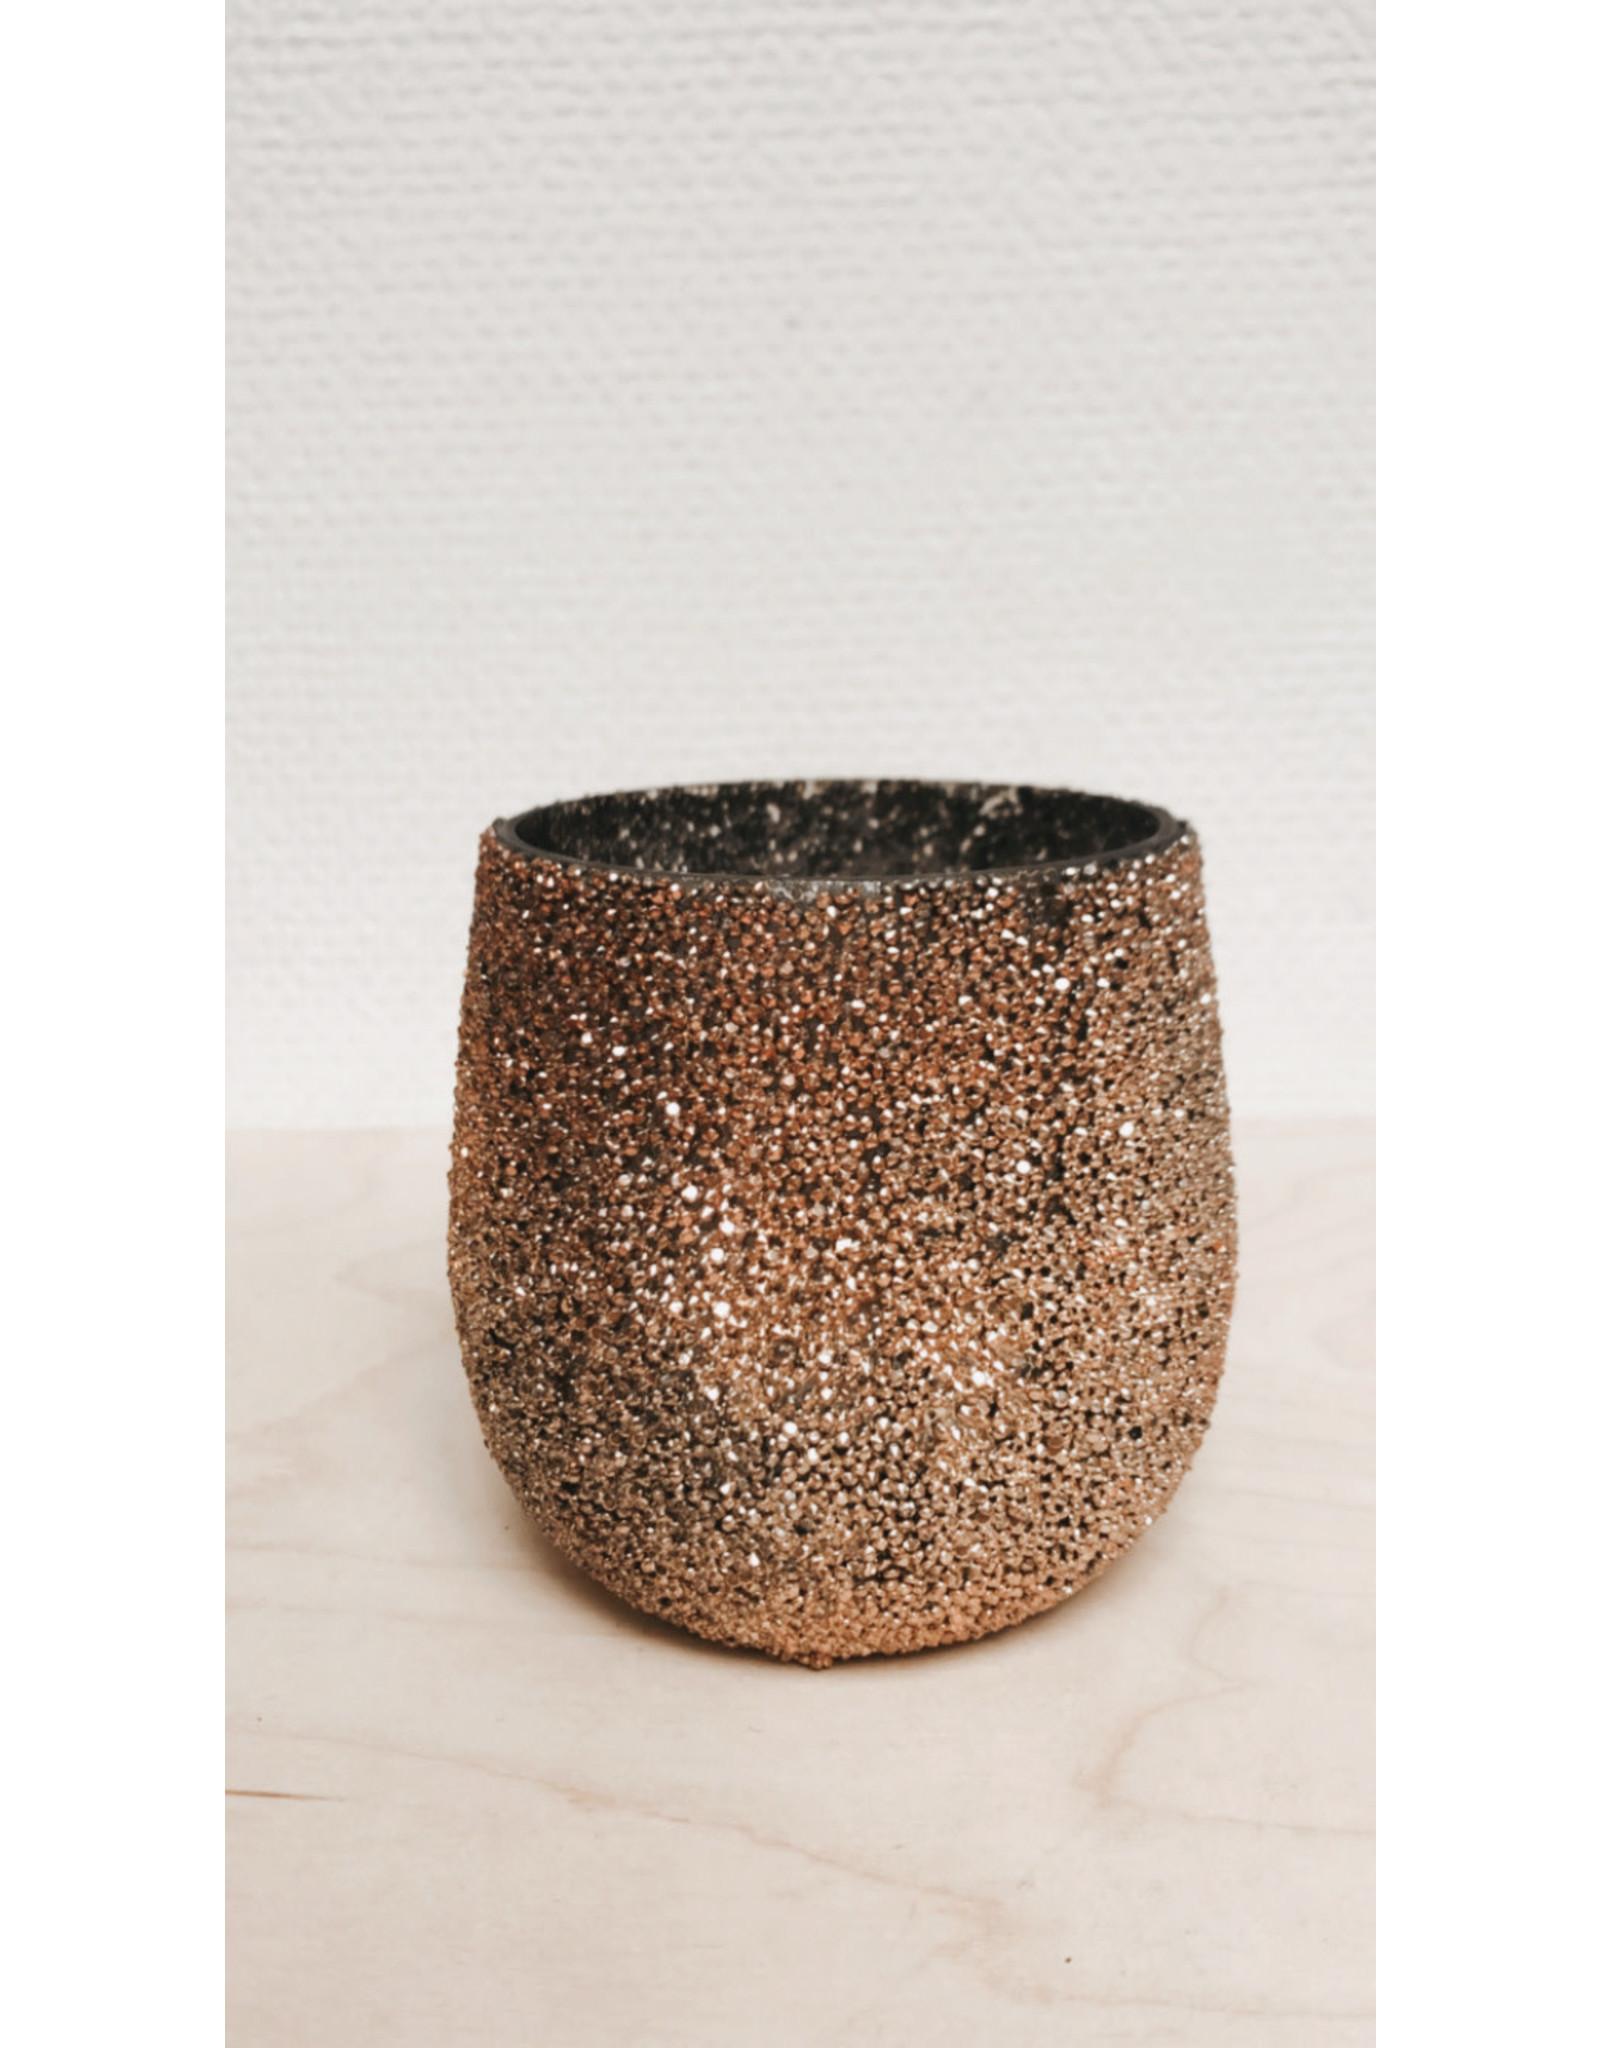 Madam Stolz Bloempot - kleine steentjes - Ø 10,5 cm, H 12,5cm